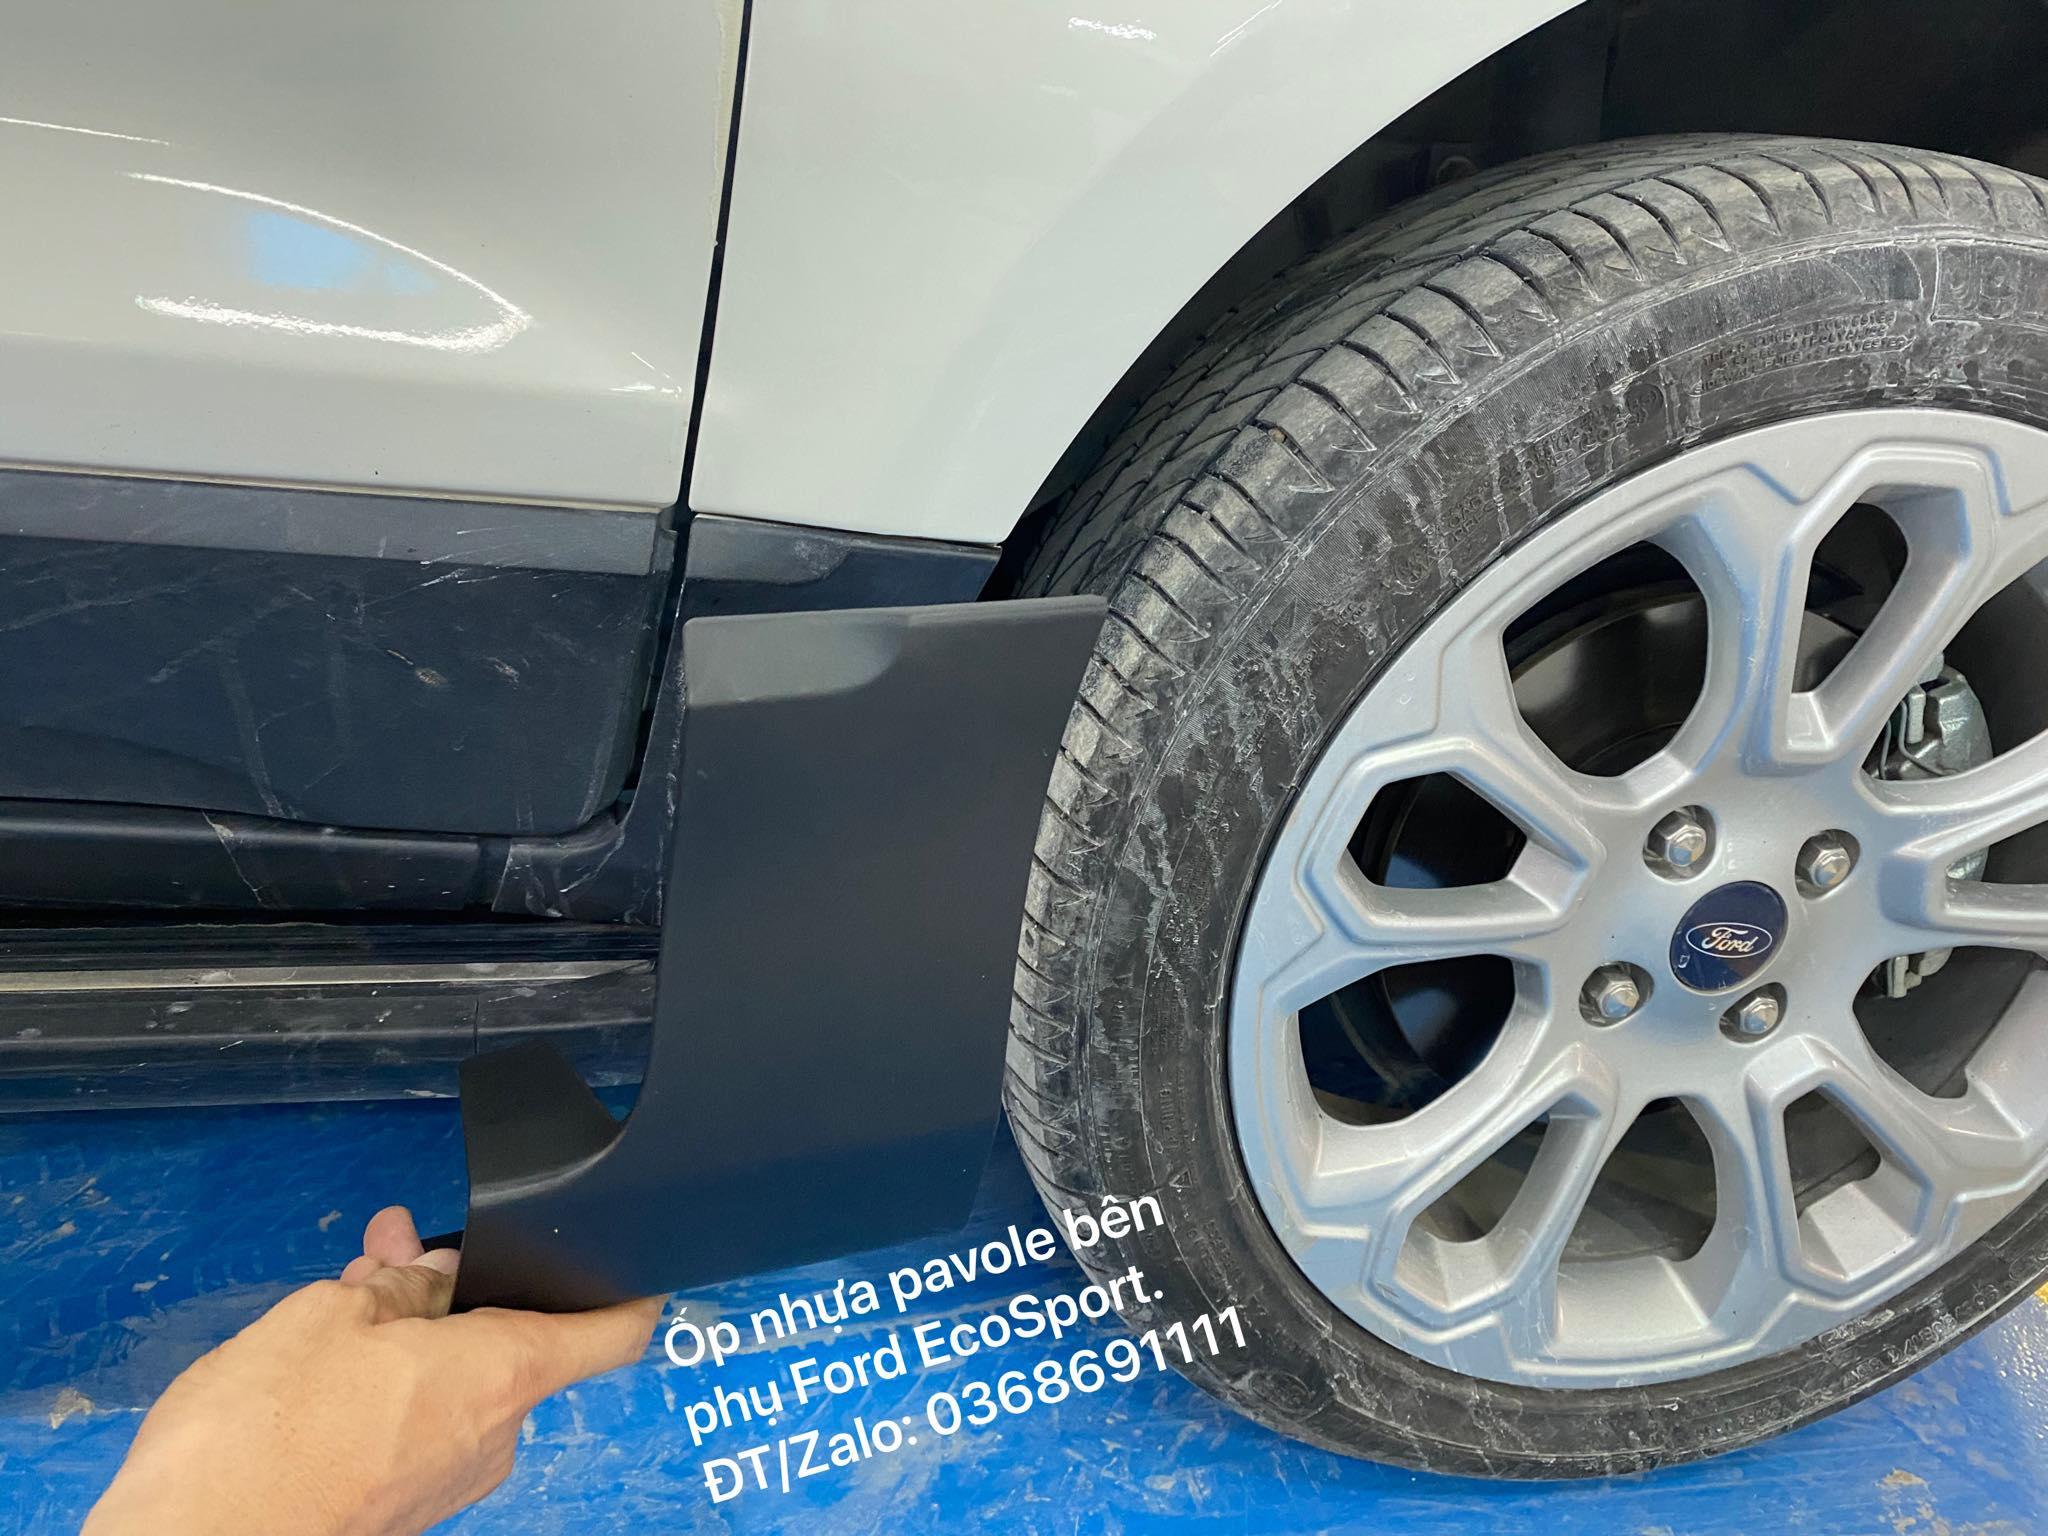 Ốp đầu pavole bên phụ Ford EcoSport / CN15-161642